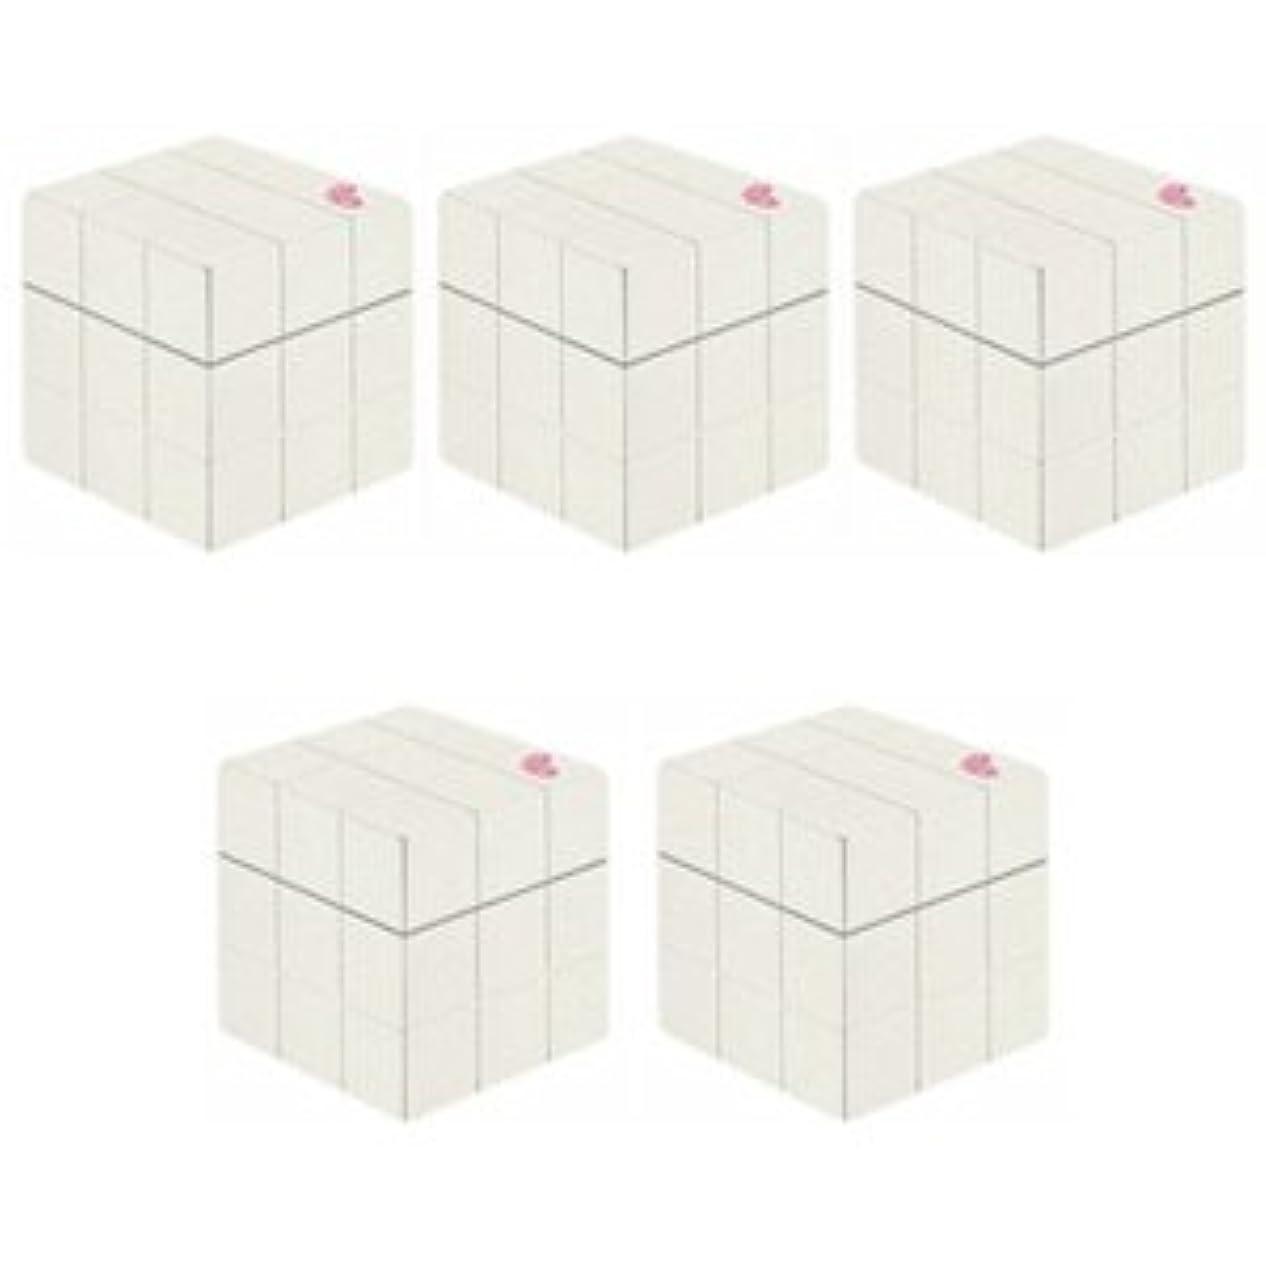 トーク破滅創傷【X5個セット】 アリミノ ピース プロデザインシリーズ グロスワックス ホワイト 80g